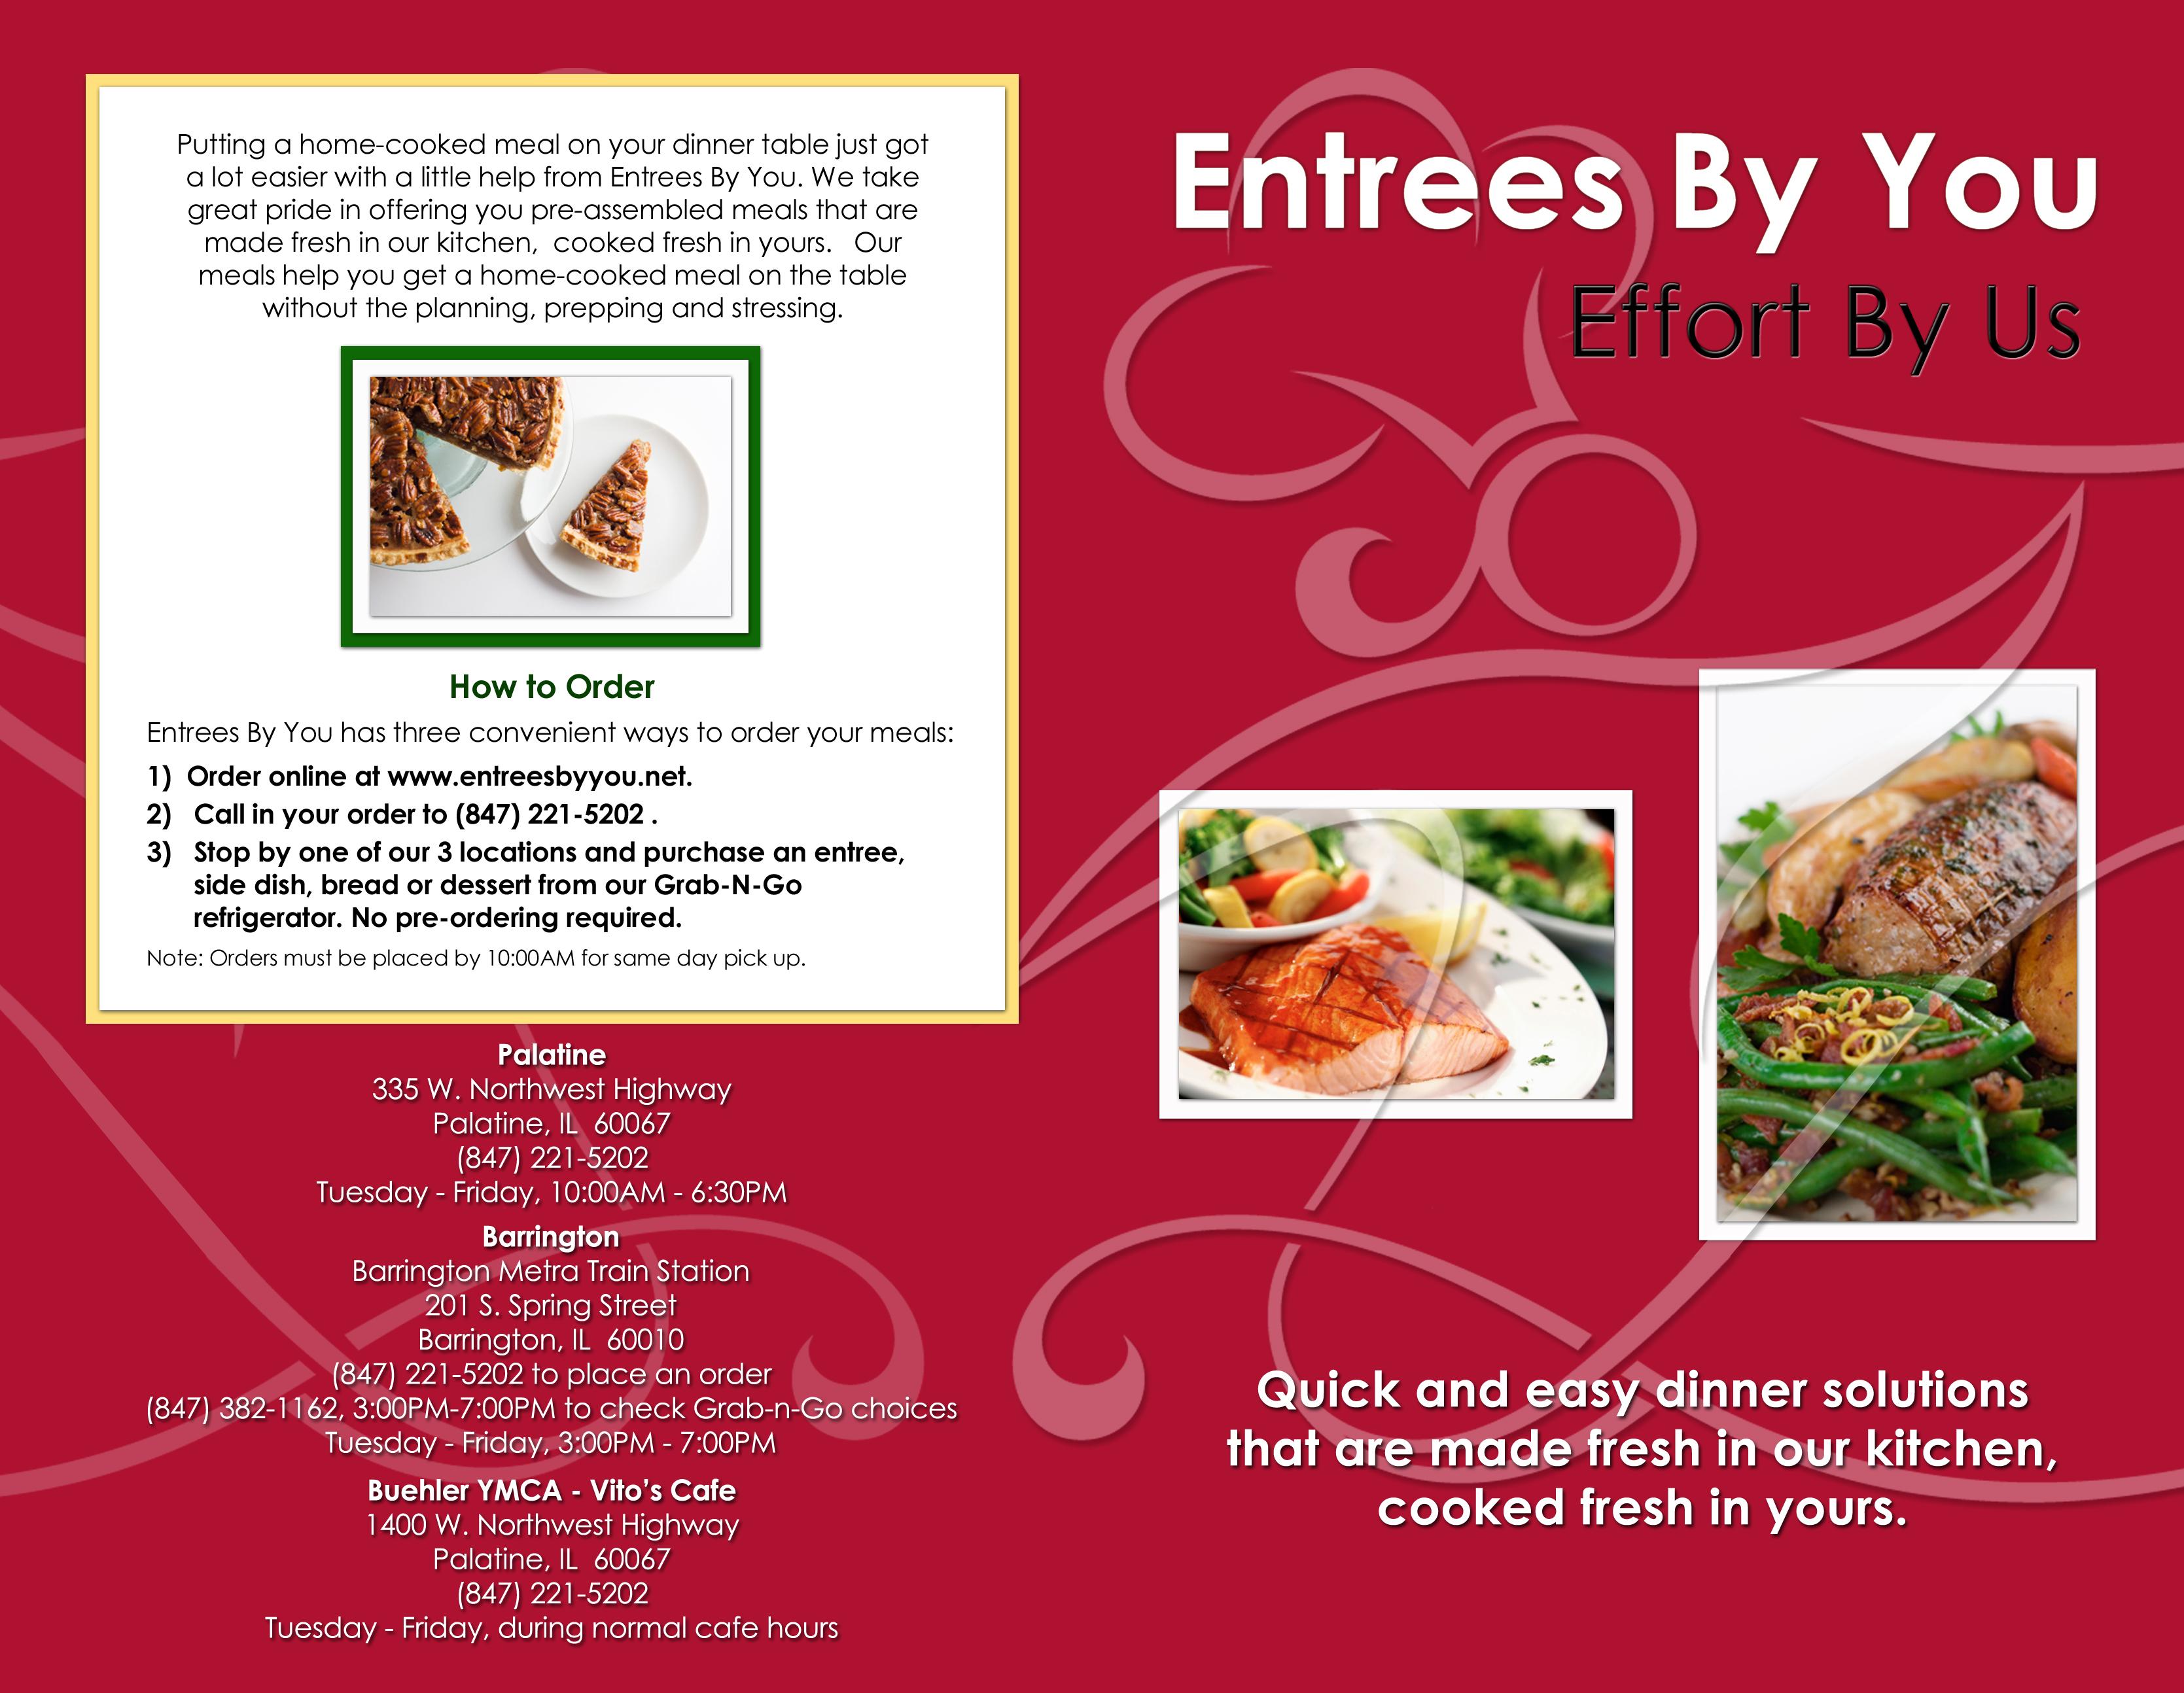 eby_brochure1e_back